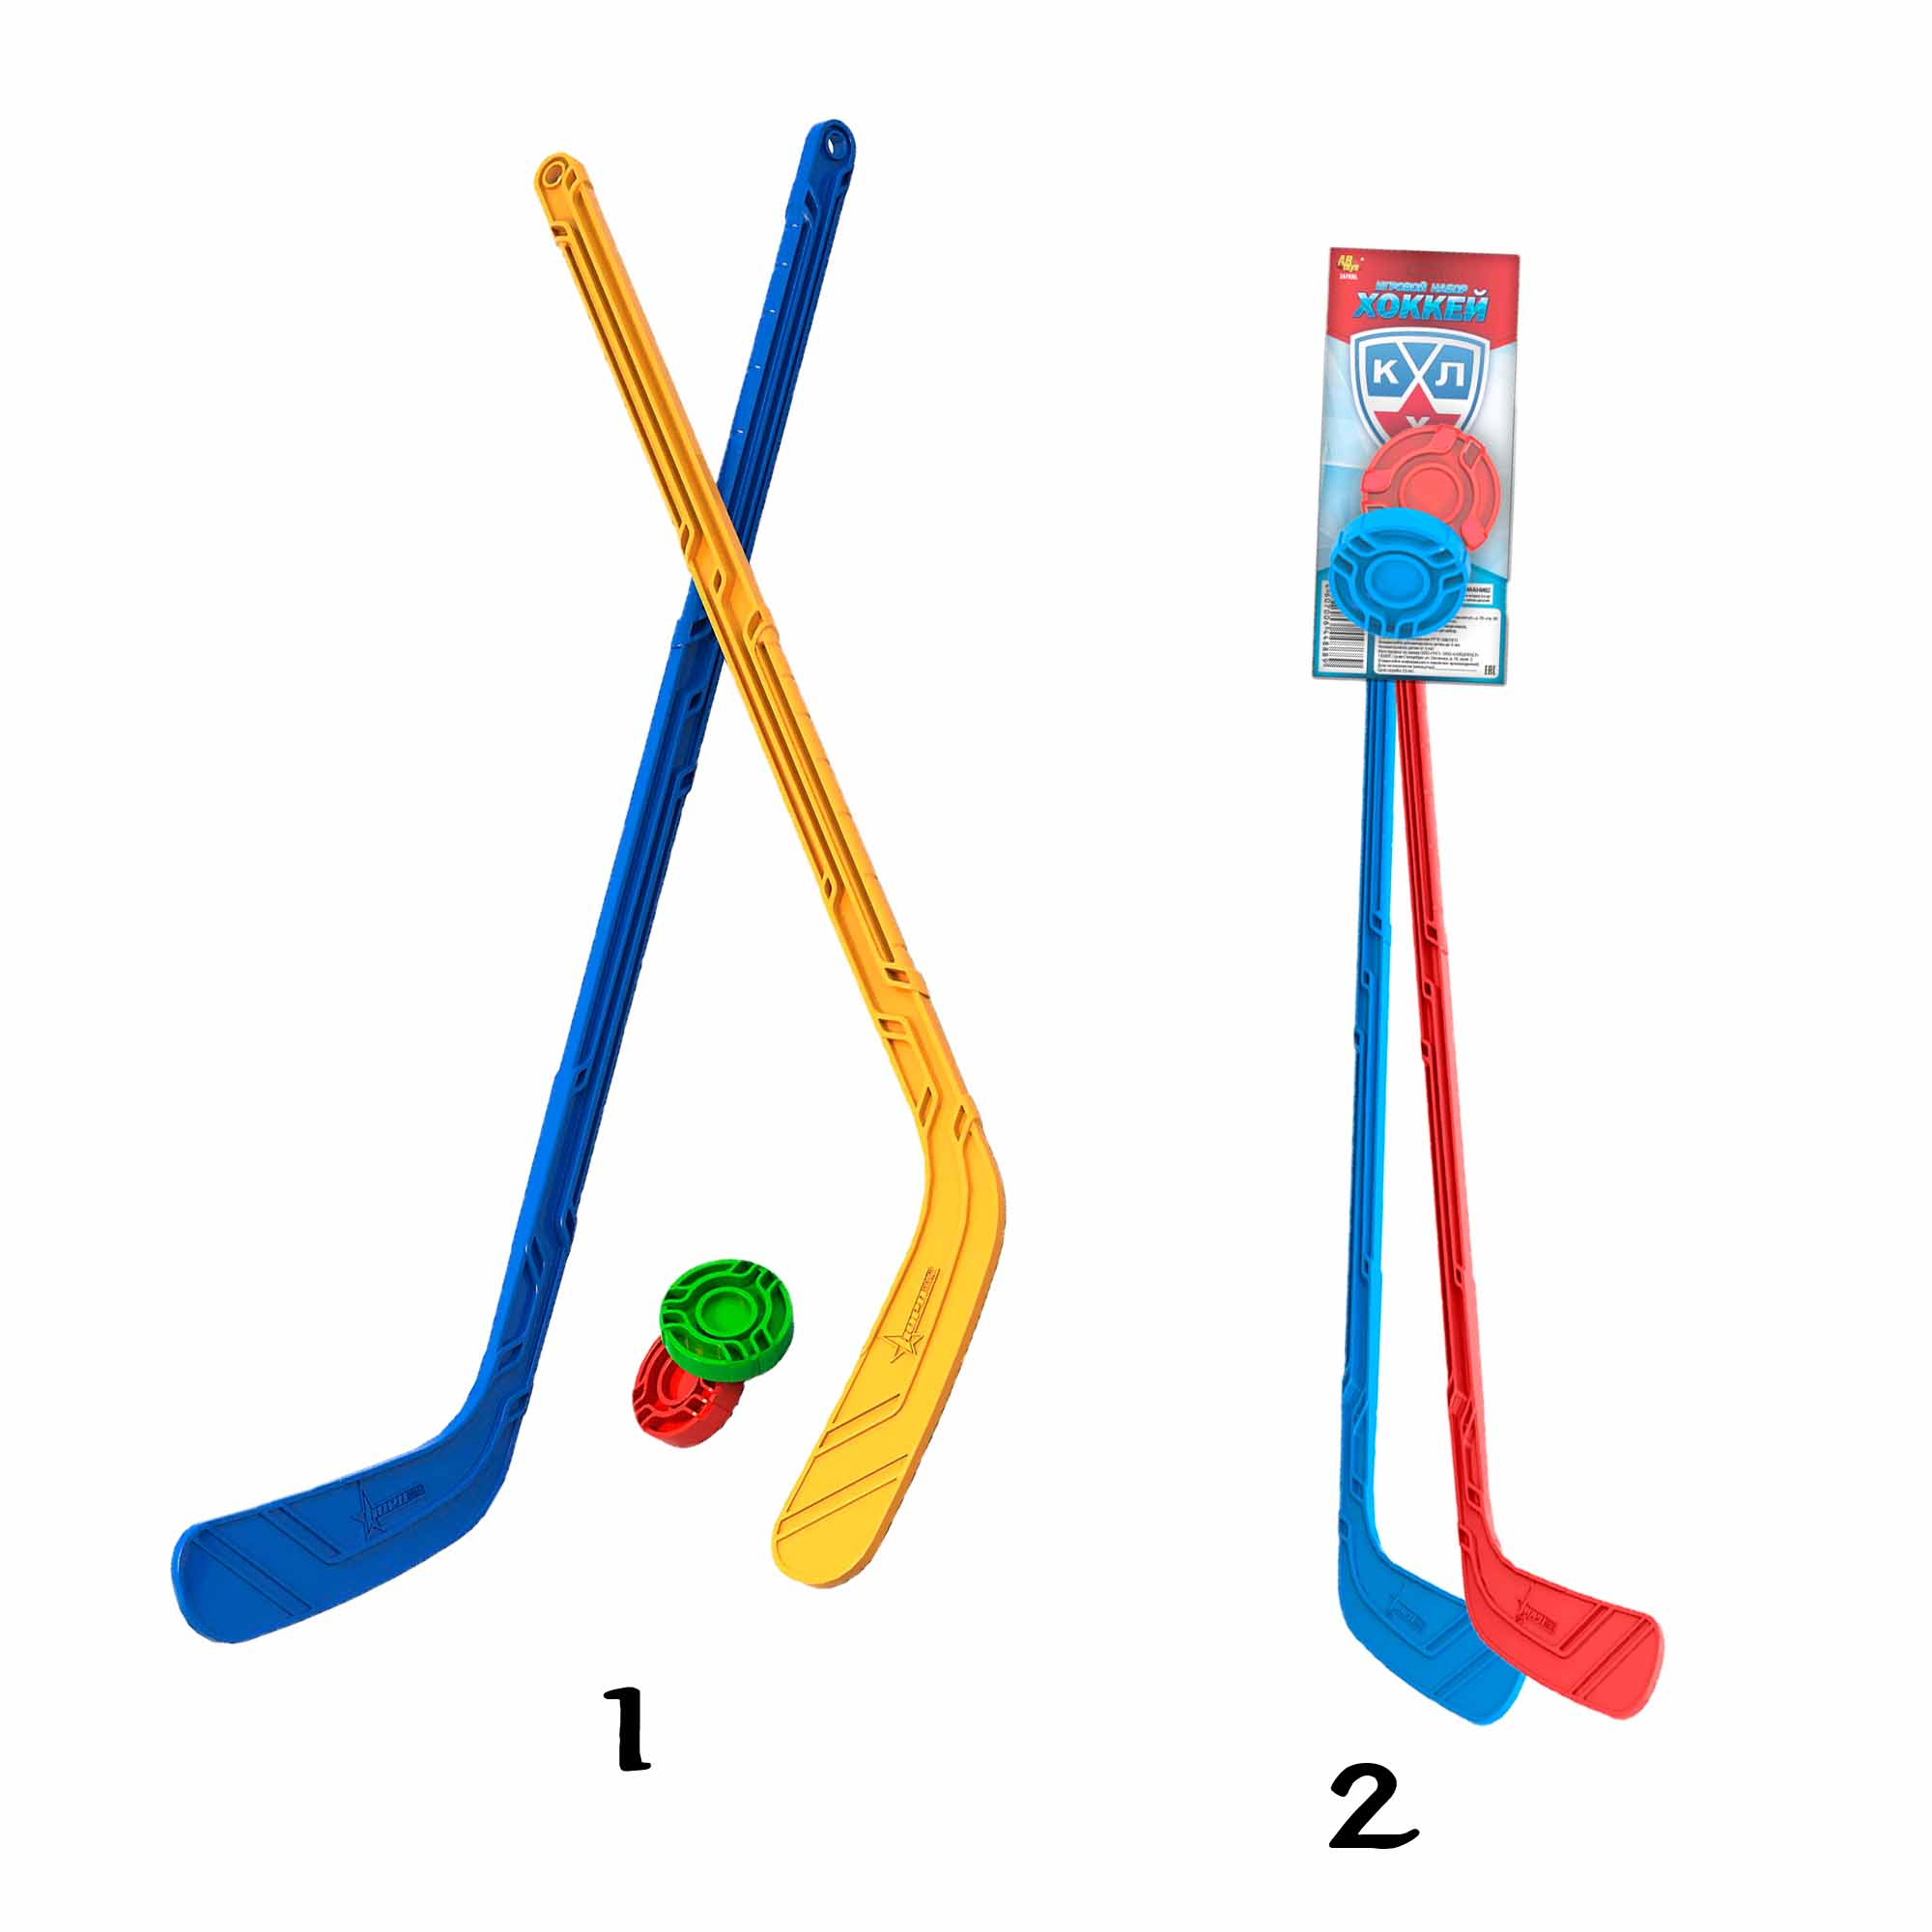 Набор - Юный хоккеист, 2 клюшки, 2 шайбы, Нордпласт  - купить со скидкой